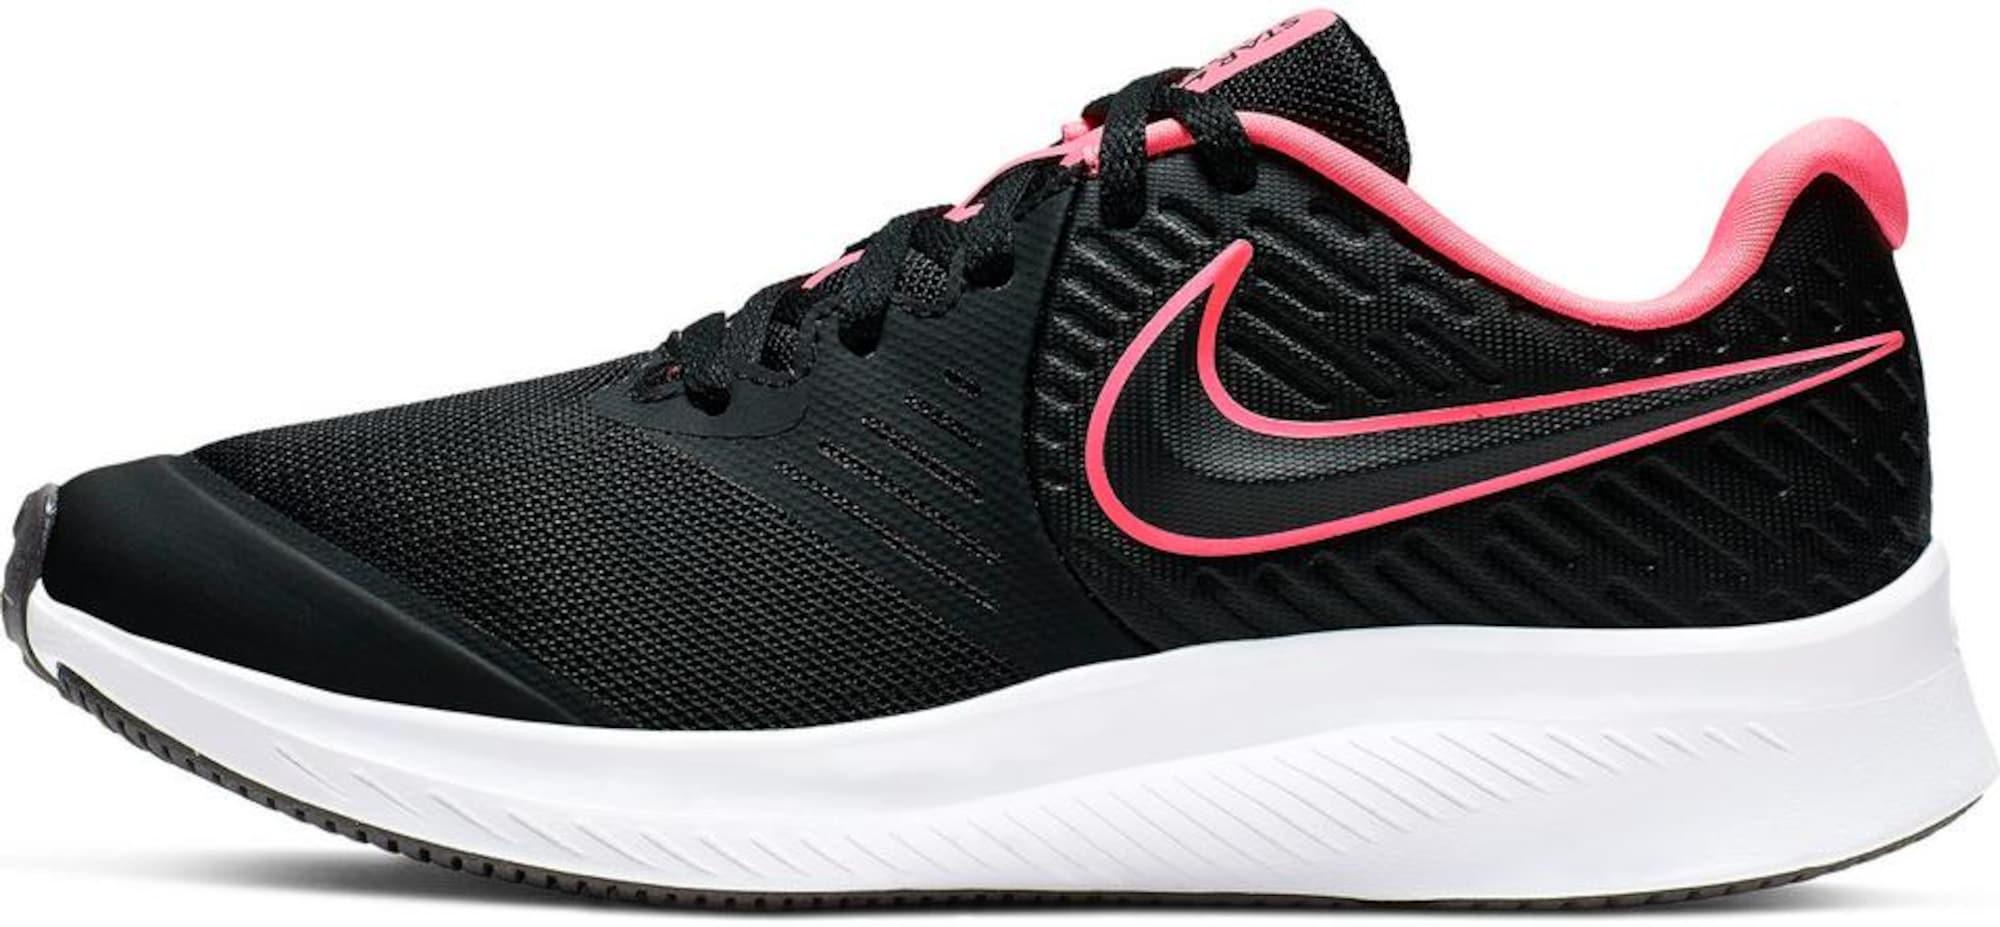 NIKE Sportiniai batai 'Star Runner 2' juoda